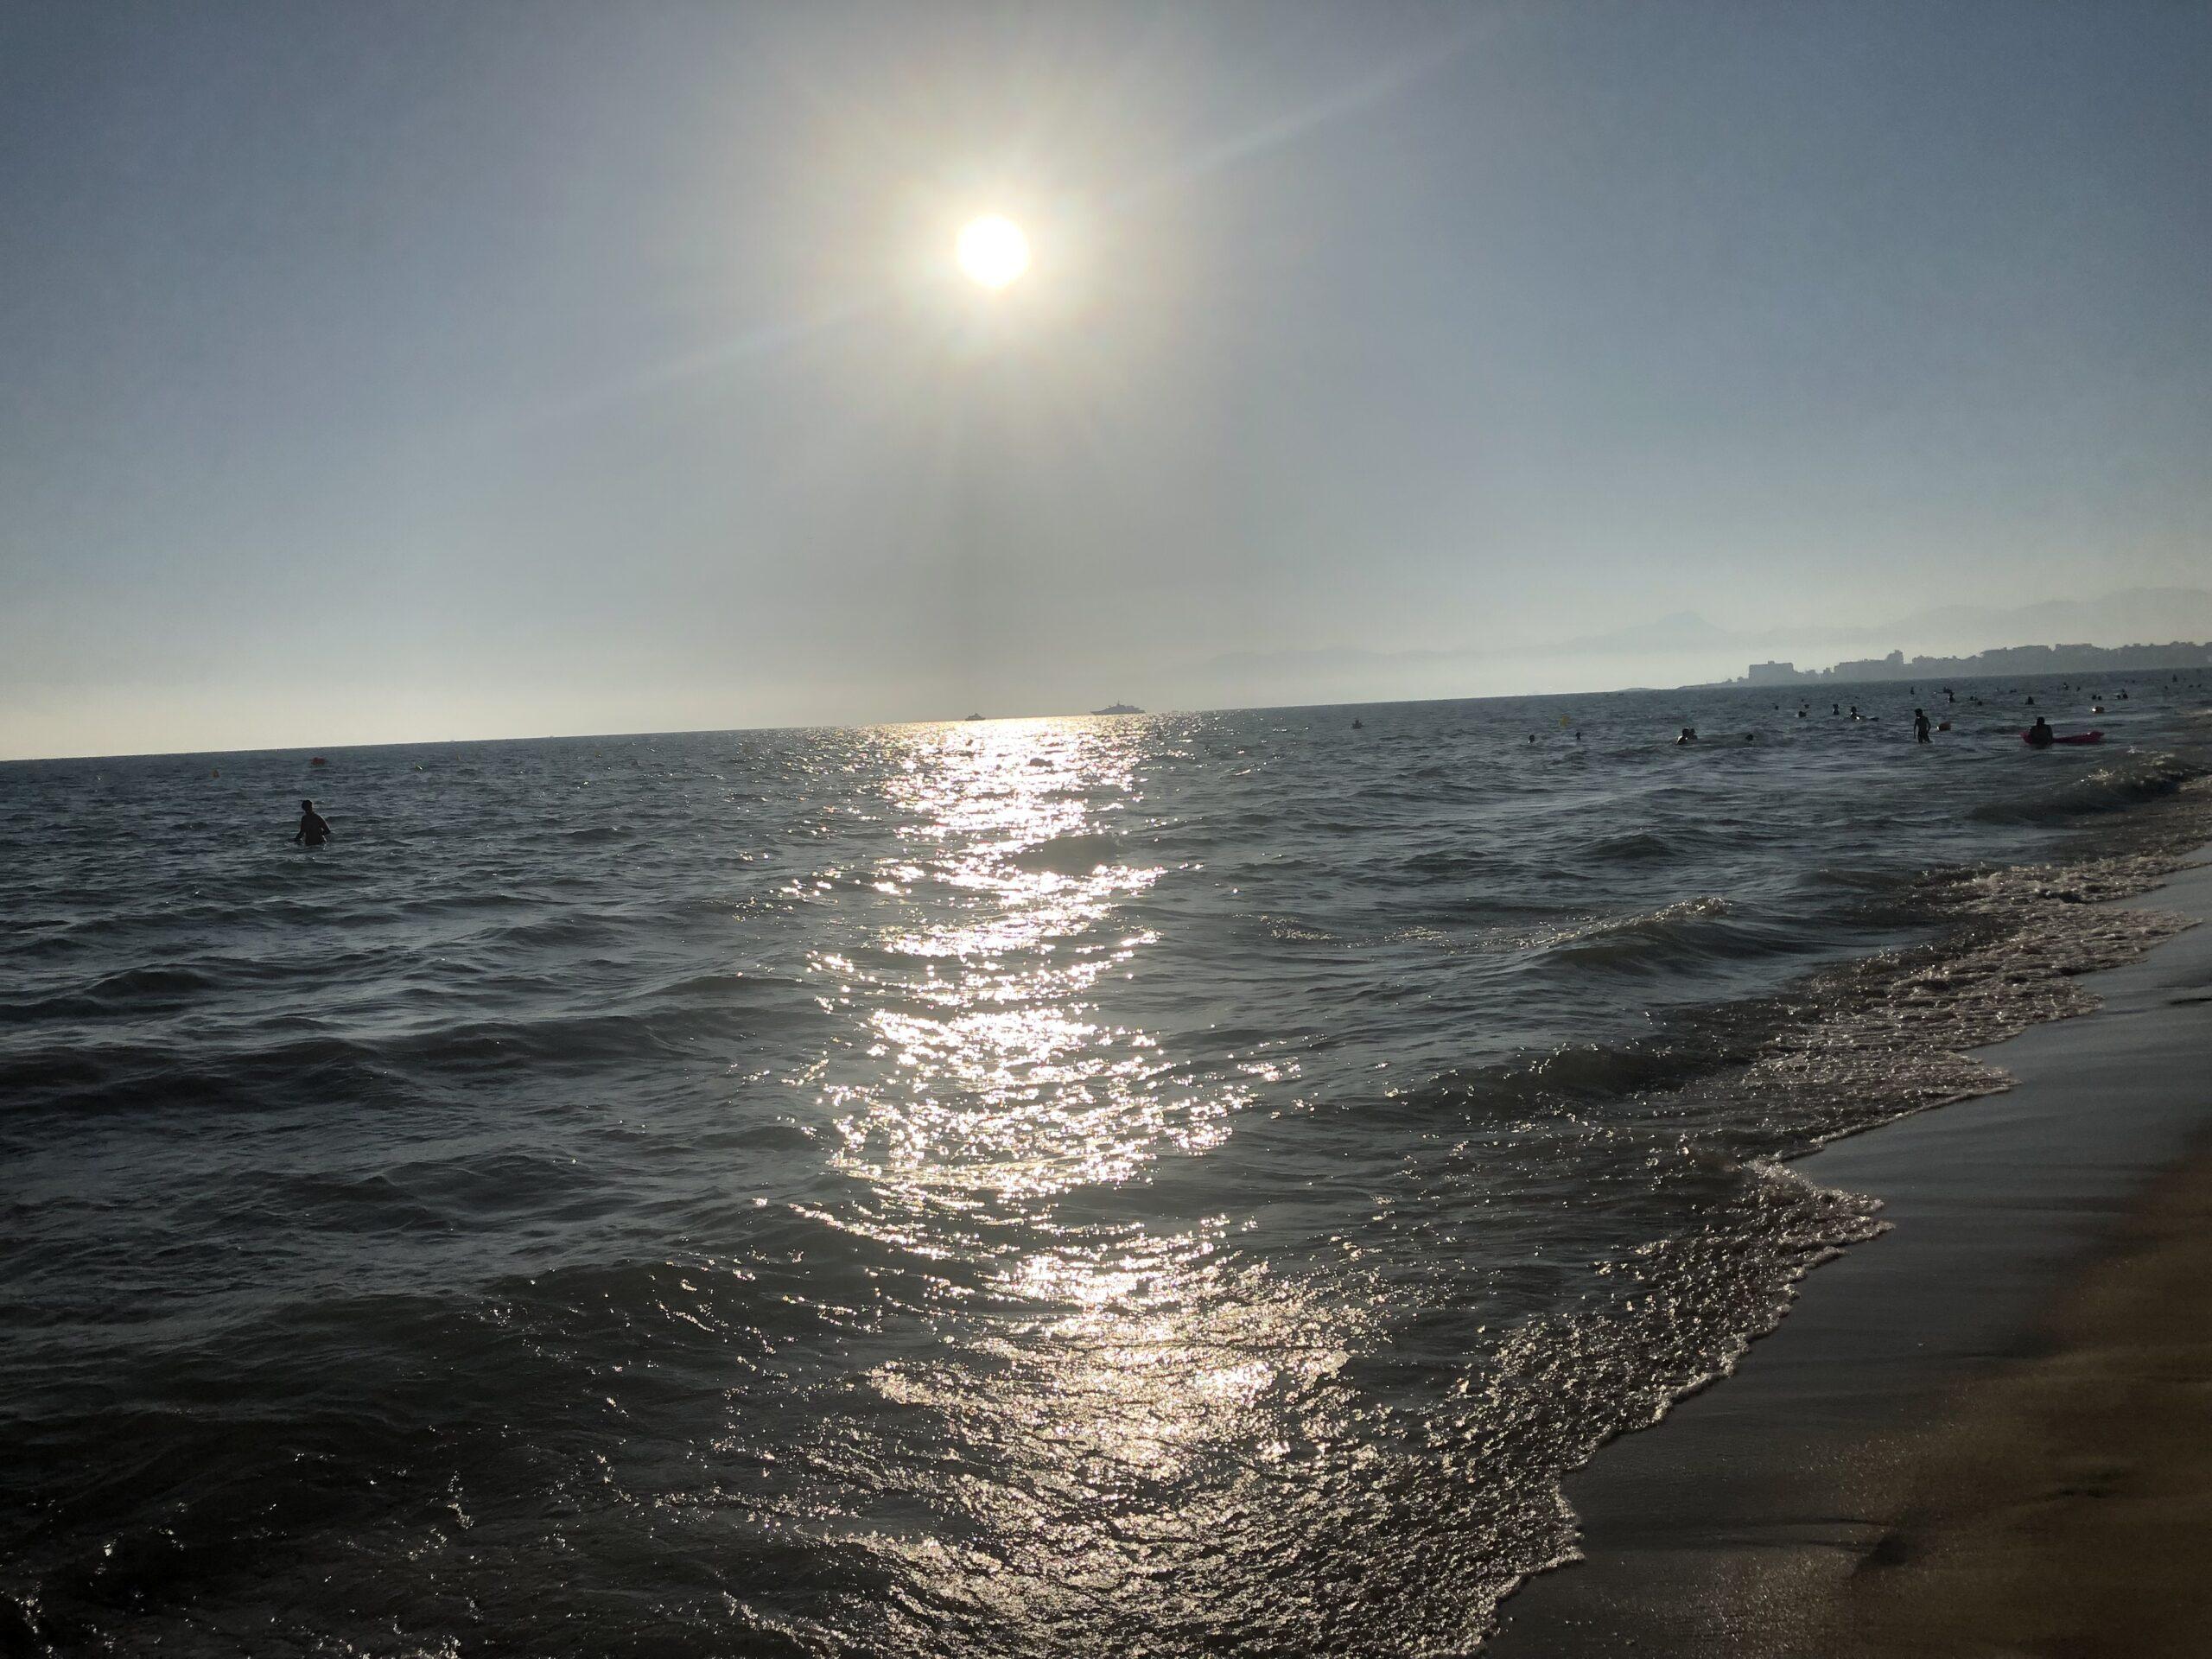 Man sitzt insgesamt viel zu wenig am Meer